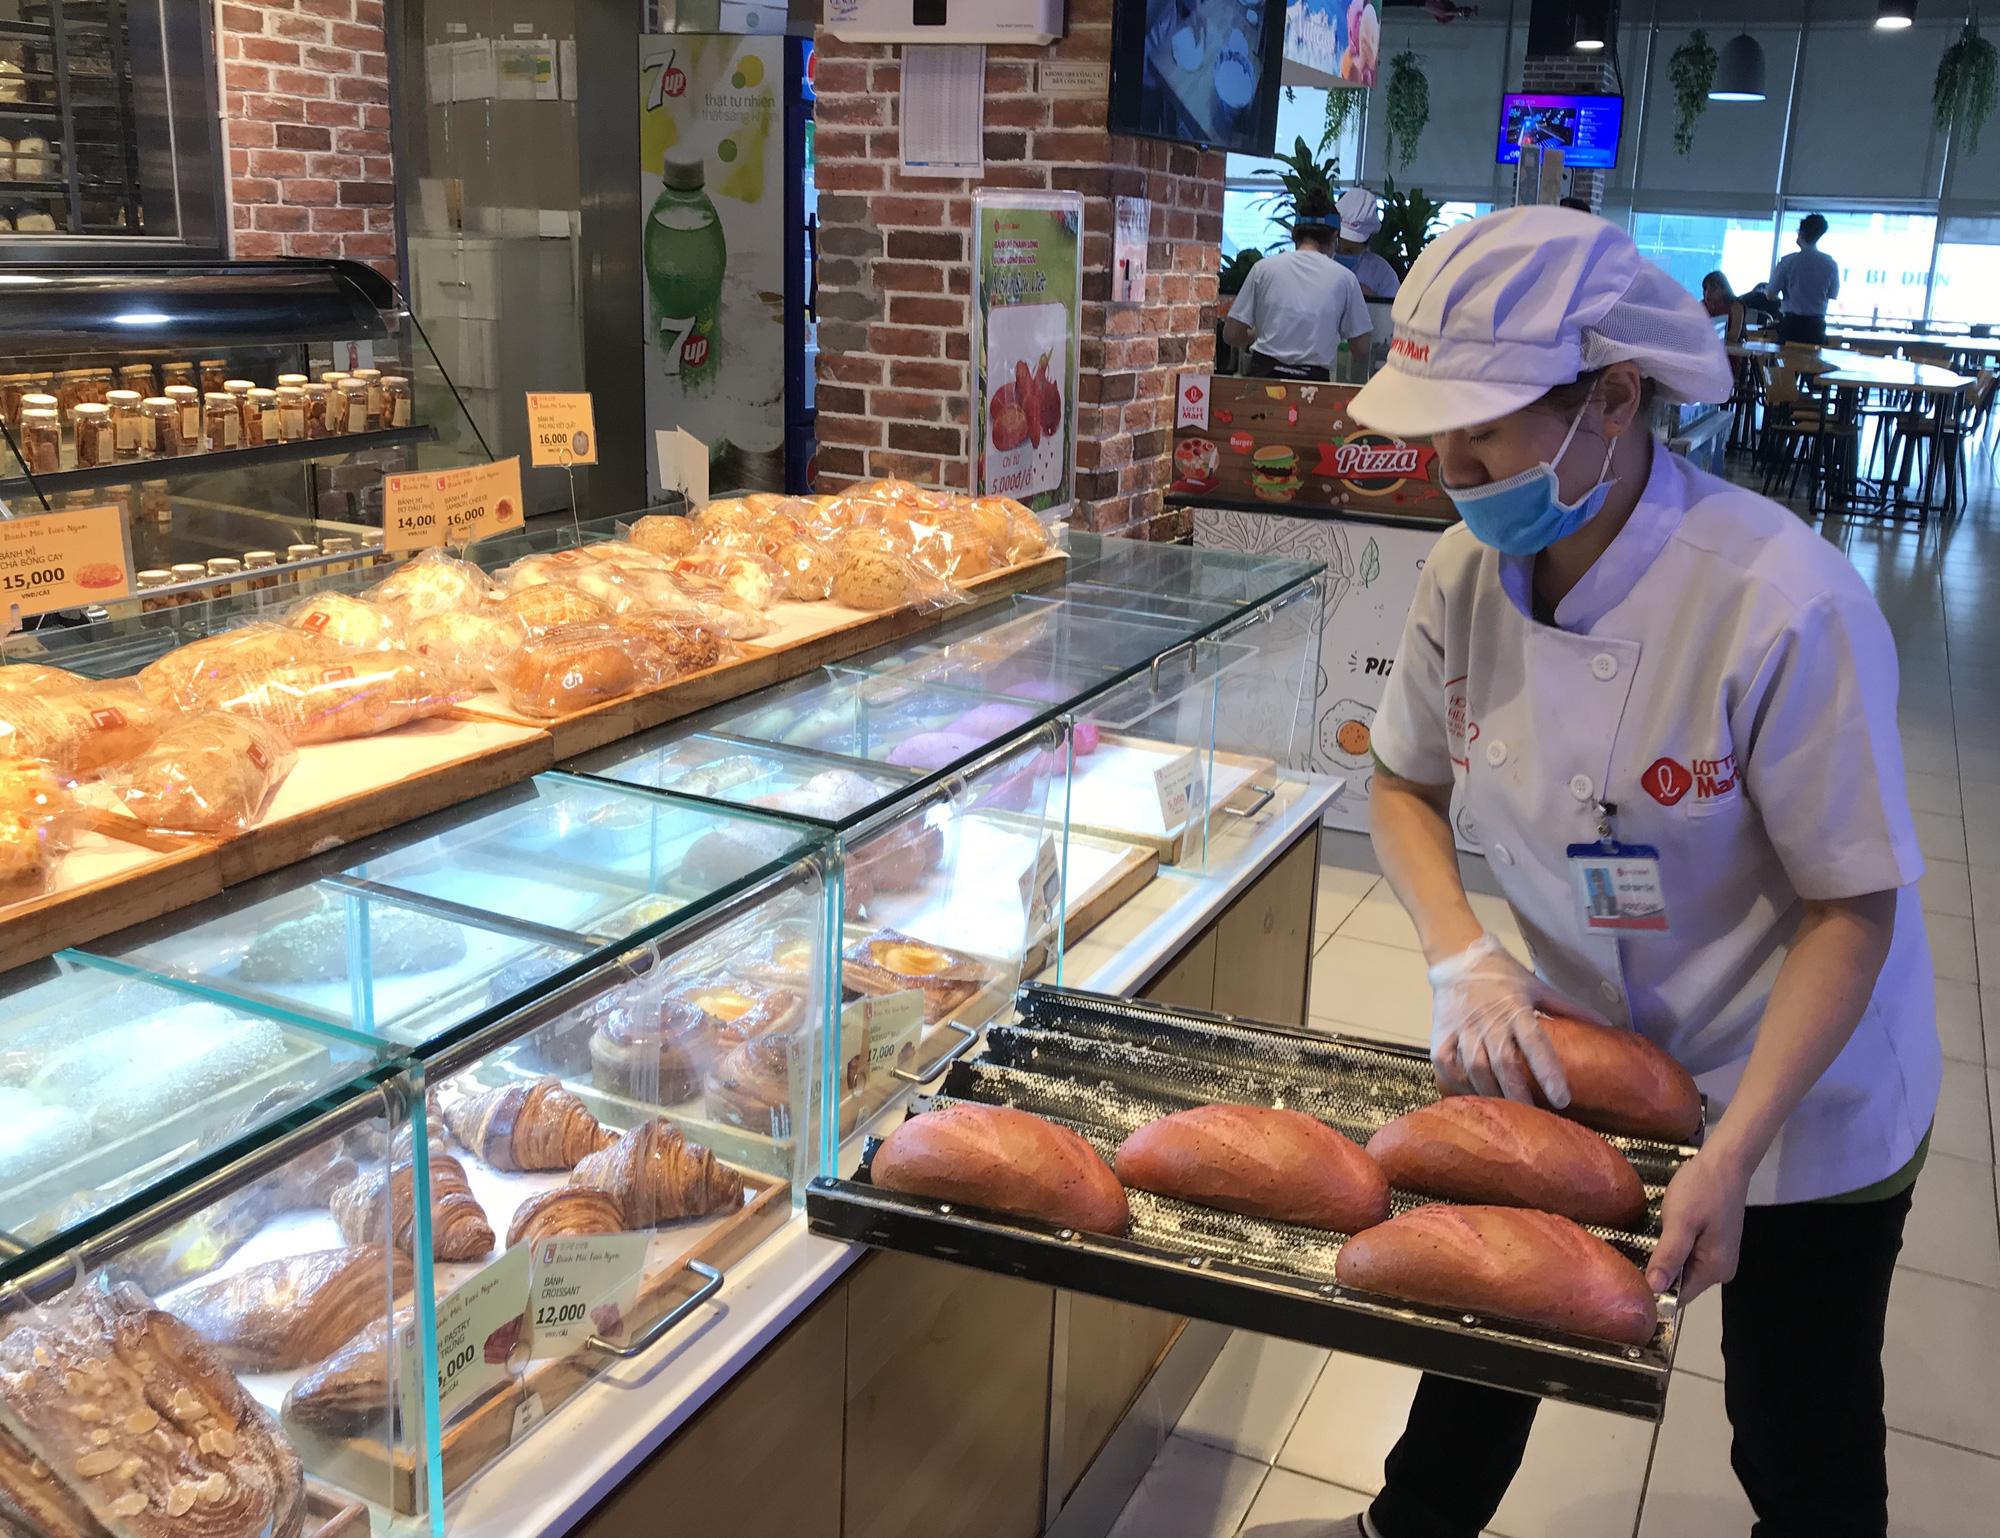 Sau bánh mì thanh long, ông Kao Siêu Lực sáng chế bánh mì dưa hấu tìm đầu ra cho nông sản Việt - Ảnh 3.